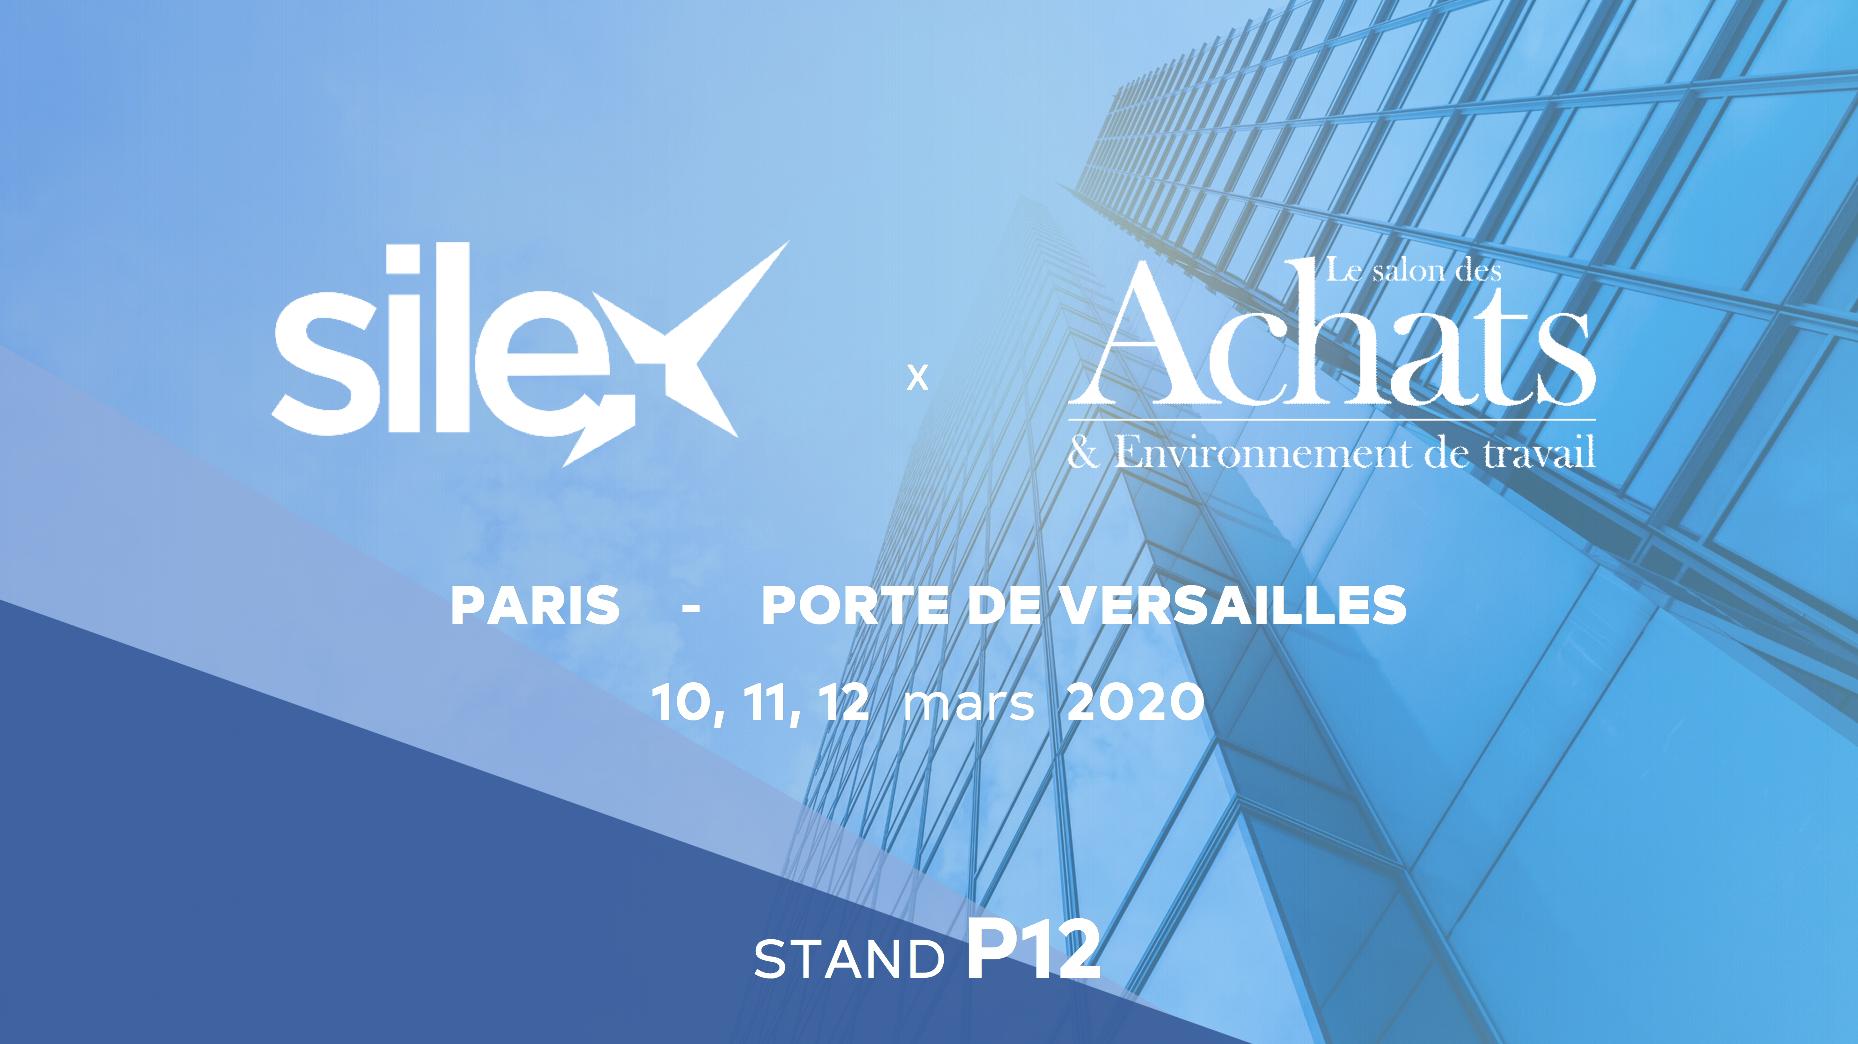 Retrouvez toute l'équipe Silex sur le stand P12 du Salon des Achats 2020 !